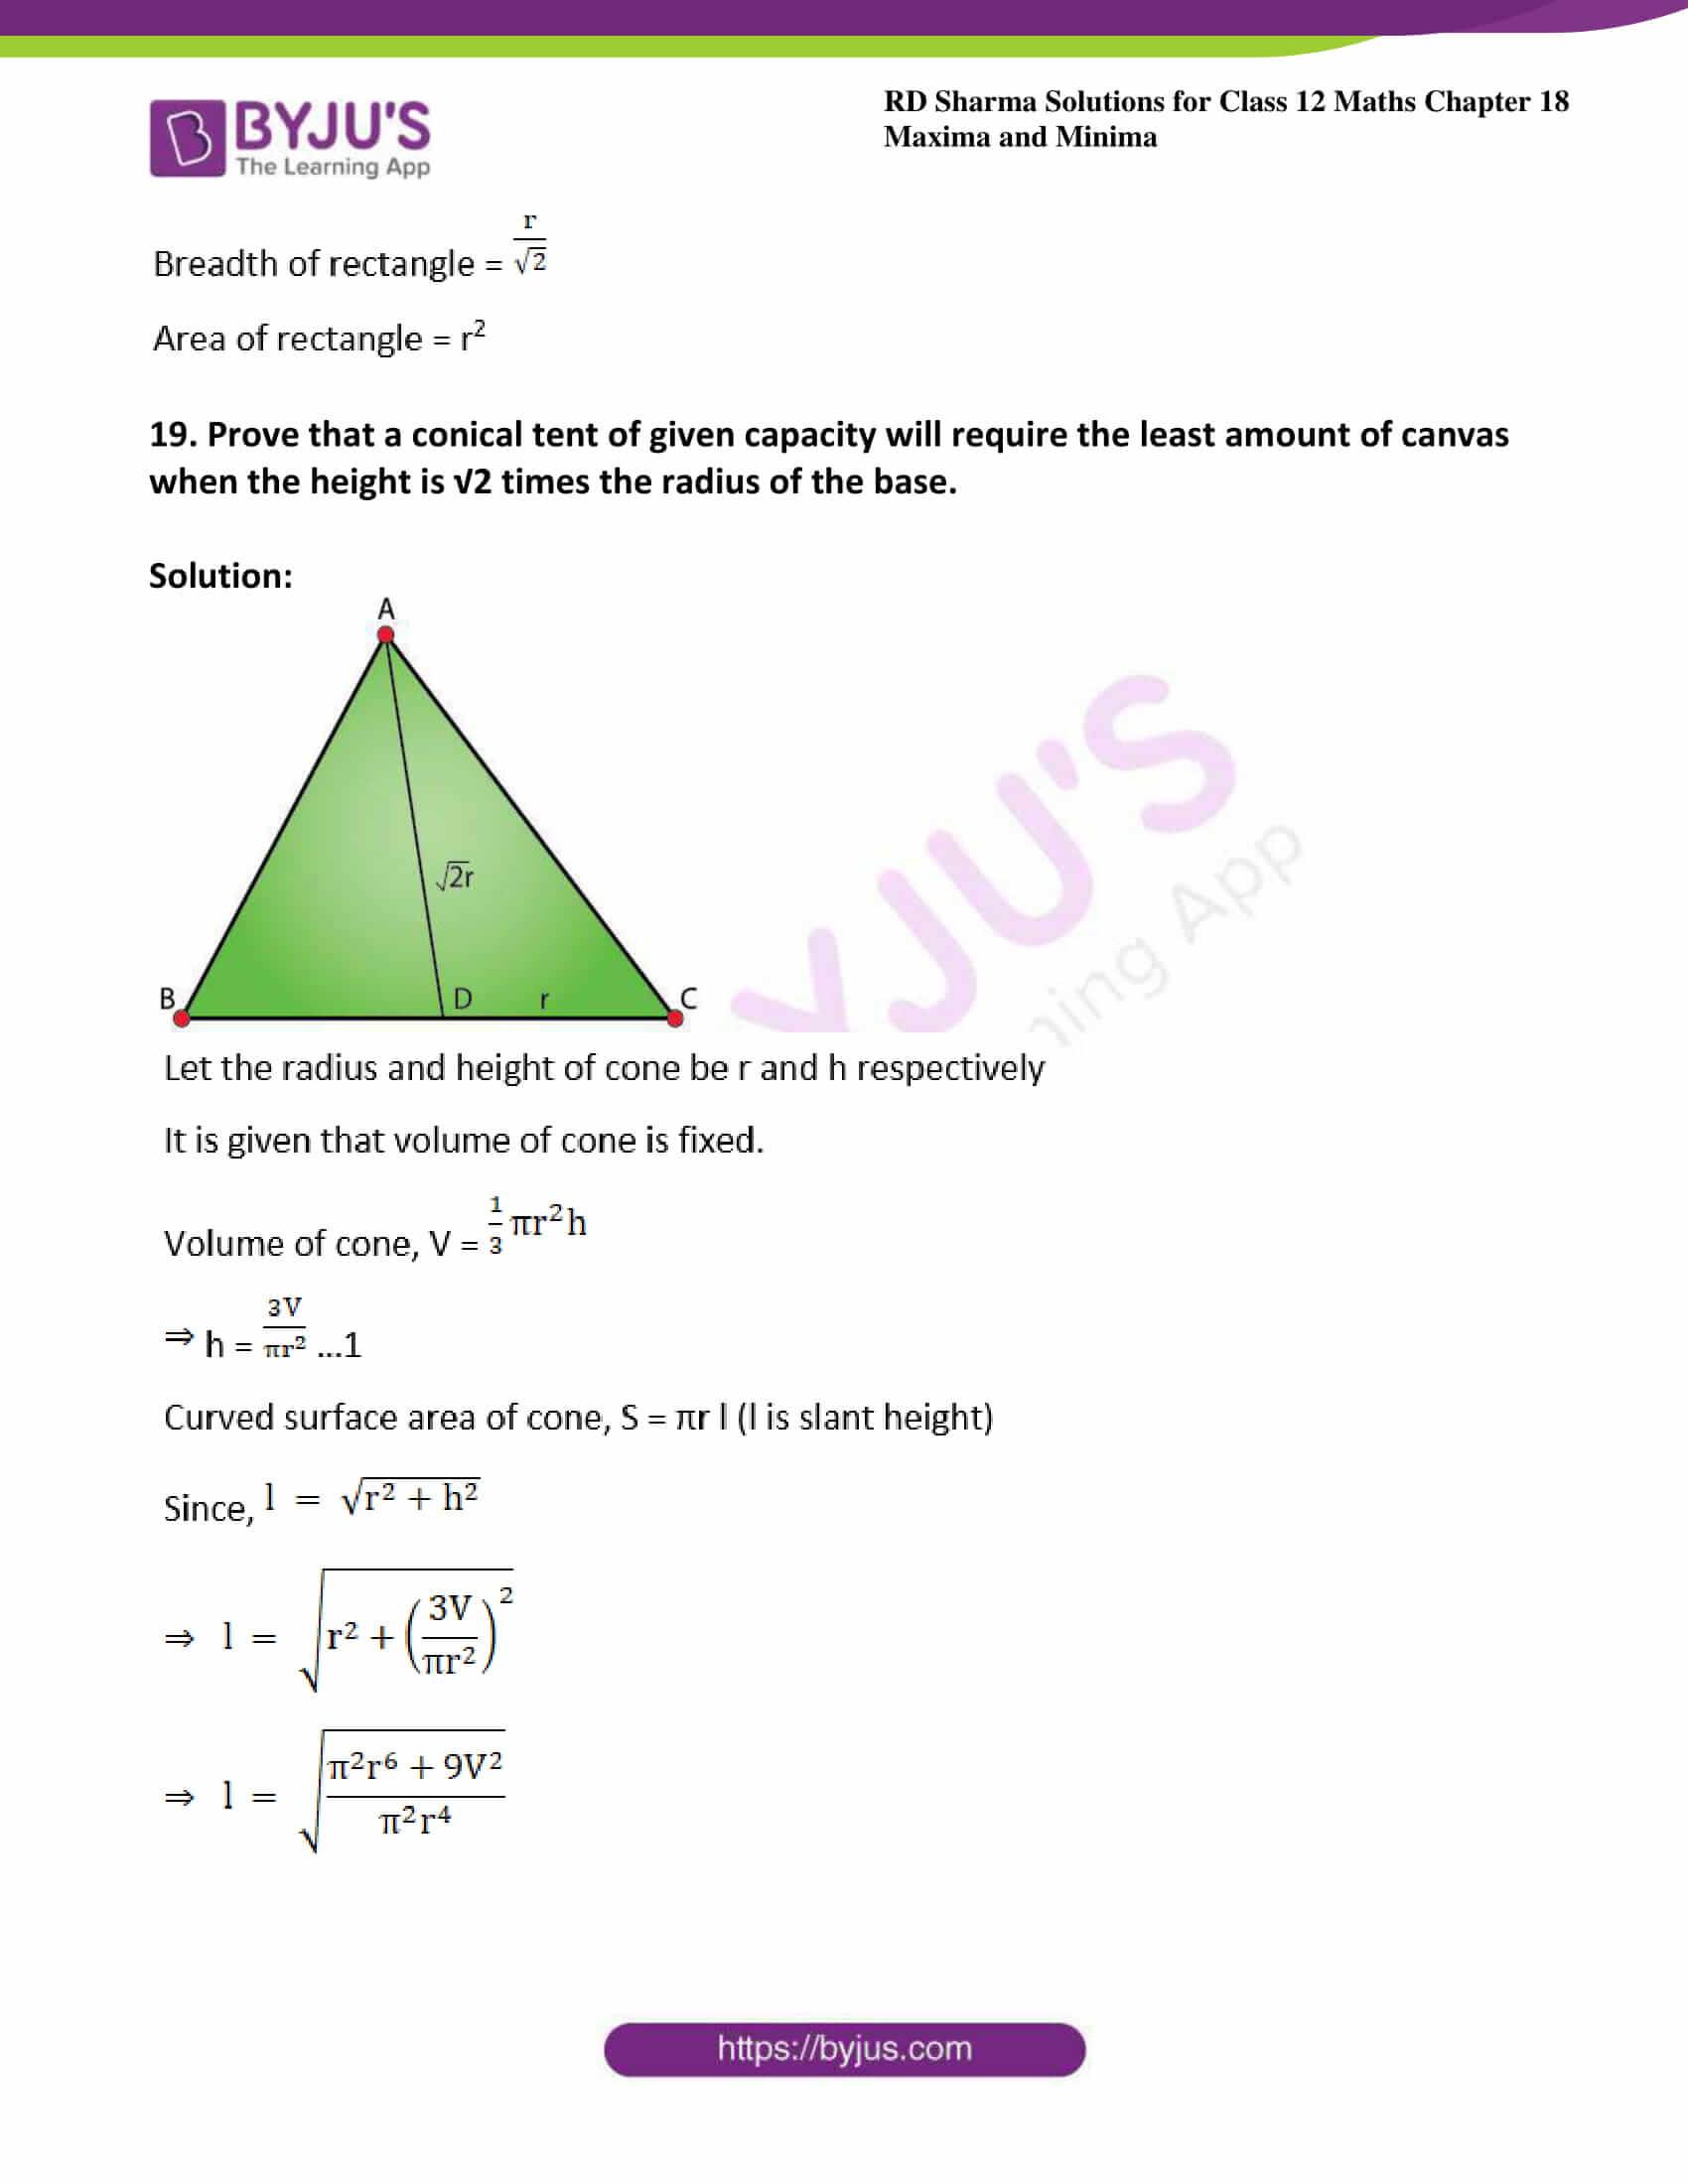 rd sharma class 12 maths sol chap 18 ex 5 26